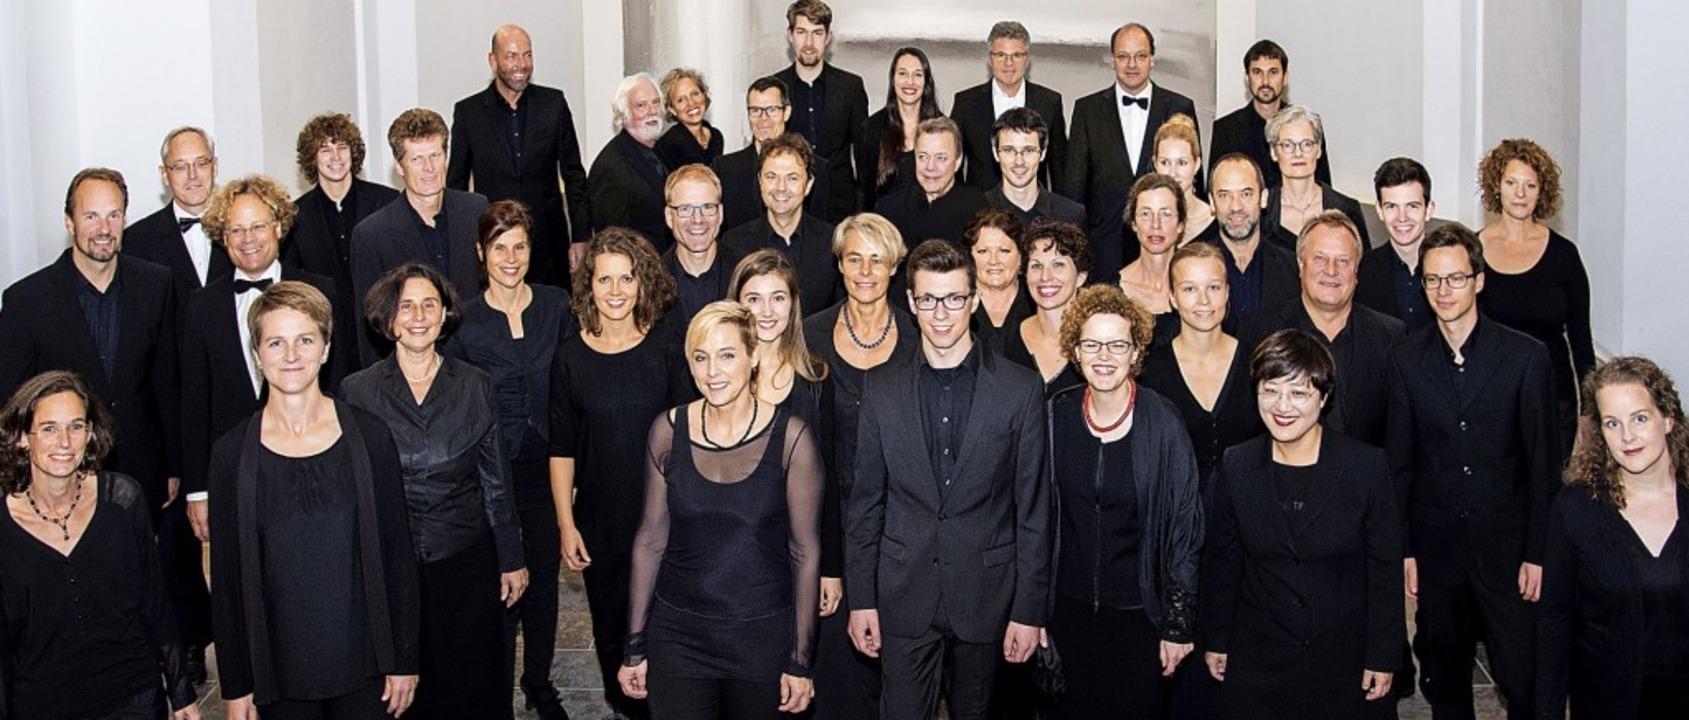 Immer wieder gern gehört: die Camerata Vocale Freiburg    Foto: Ellen Schmauss